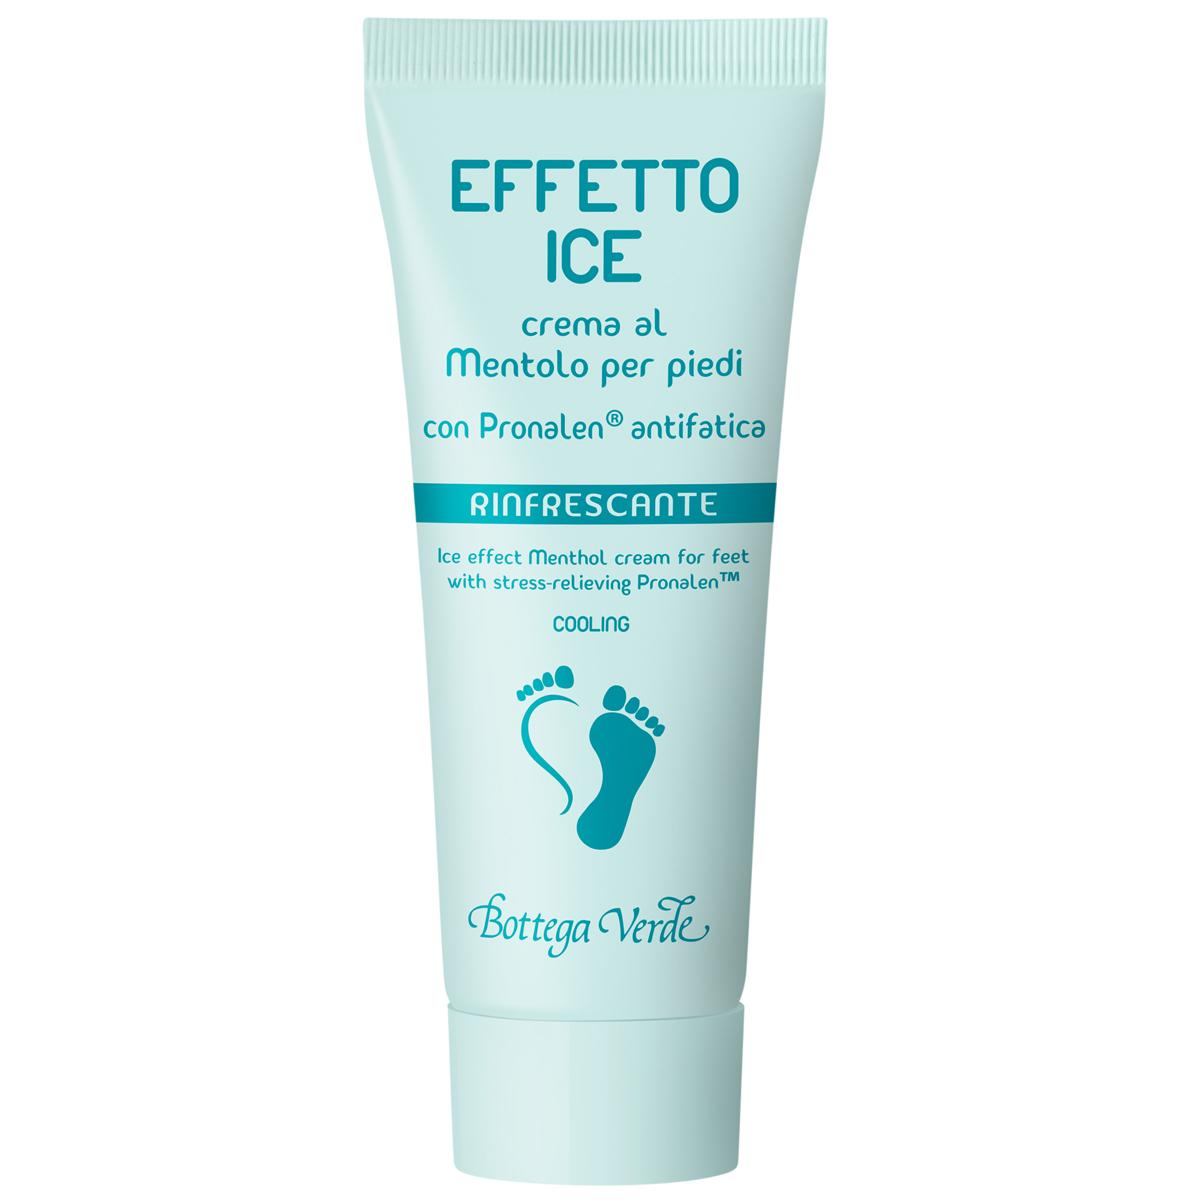 Travel size crema cu menta si Pronalen pentru picioare obosite imagine